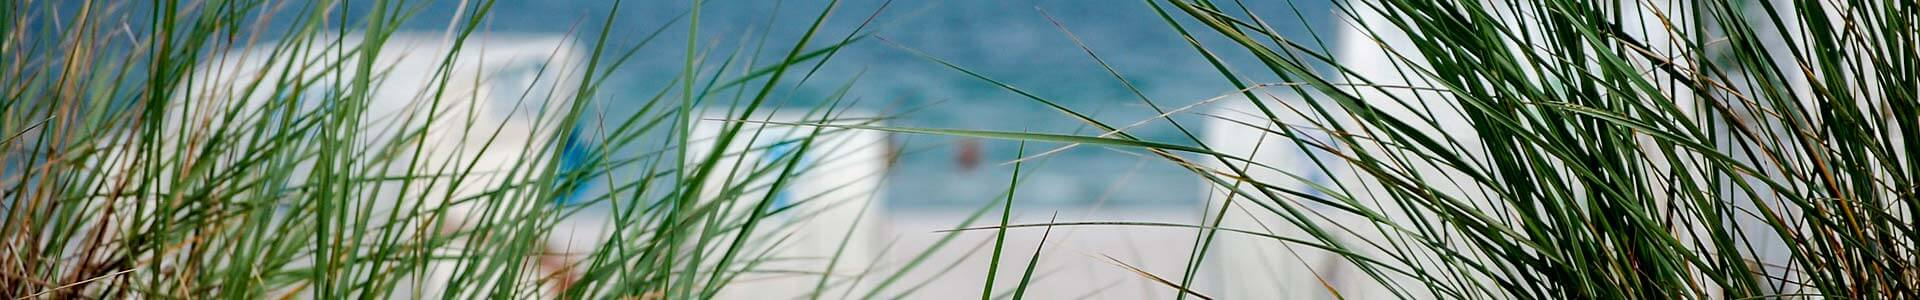 Strandkörbe an der Küste